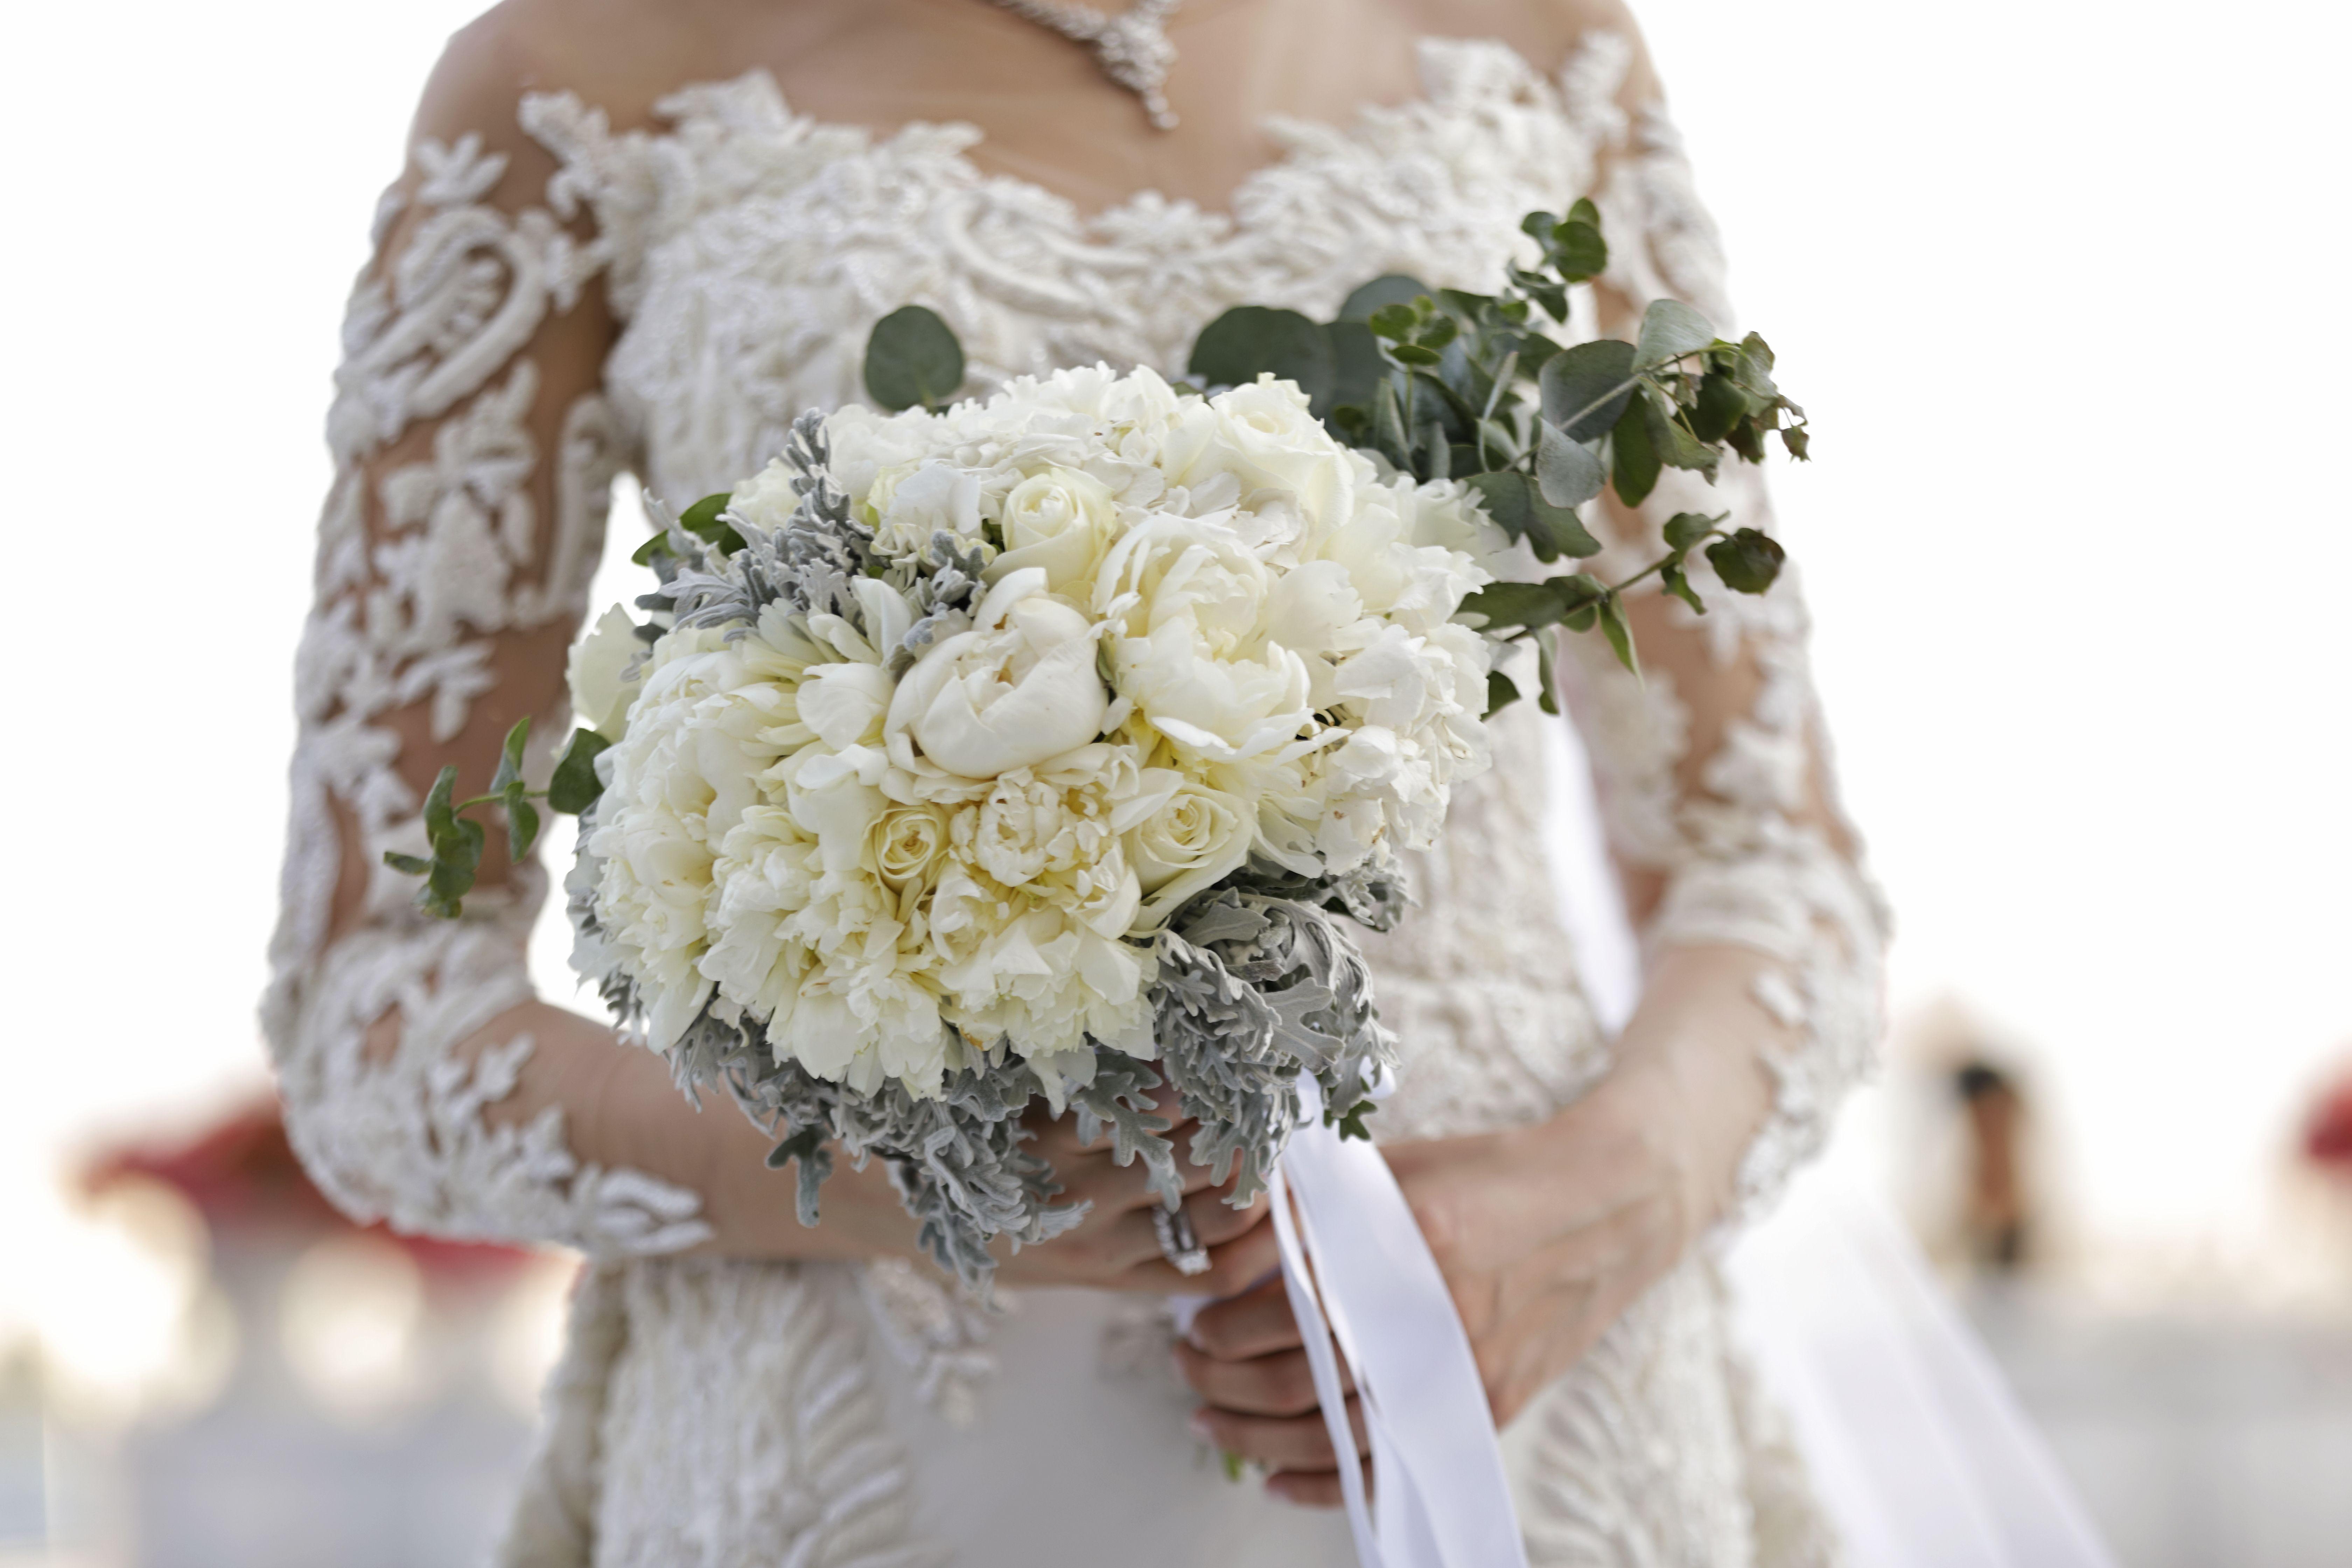 #duguncekımlerı #hikaye #fotoğraf #wedding #weddingphotographer #bride #gelin #damat #gelinlik #fotoğraf #anı #düğün #kısafilm #film #gelinbuketi #weddingring #married #ask #an